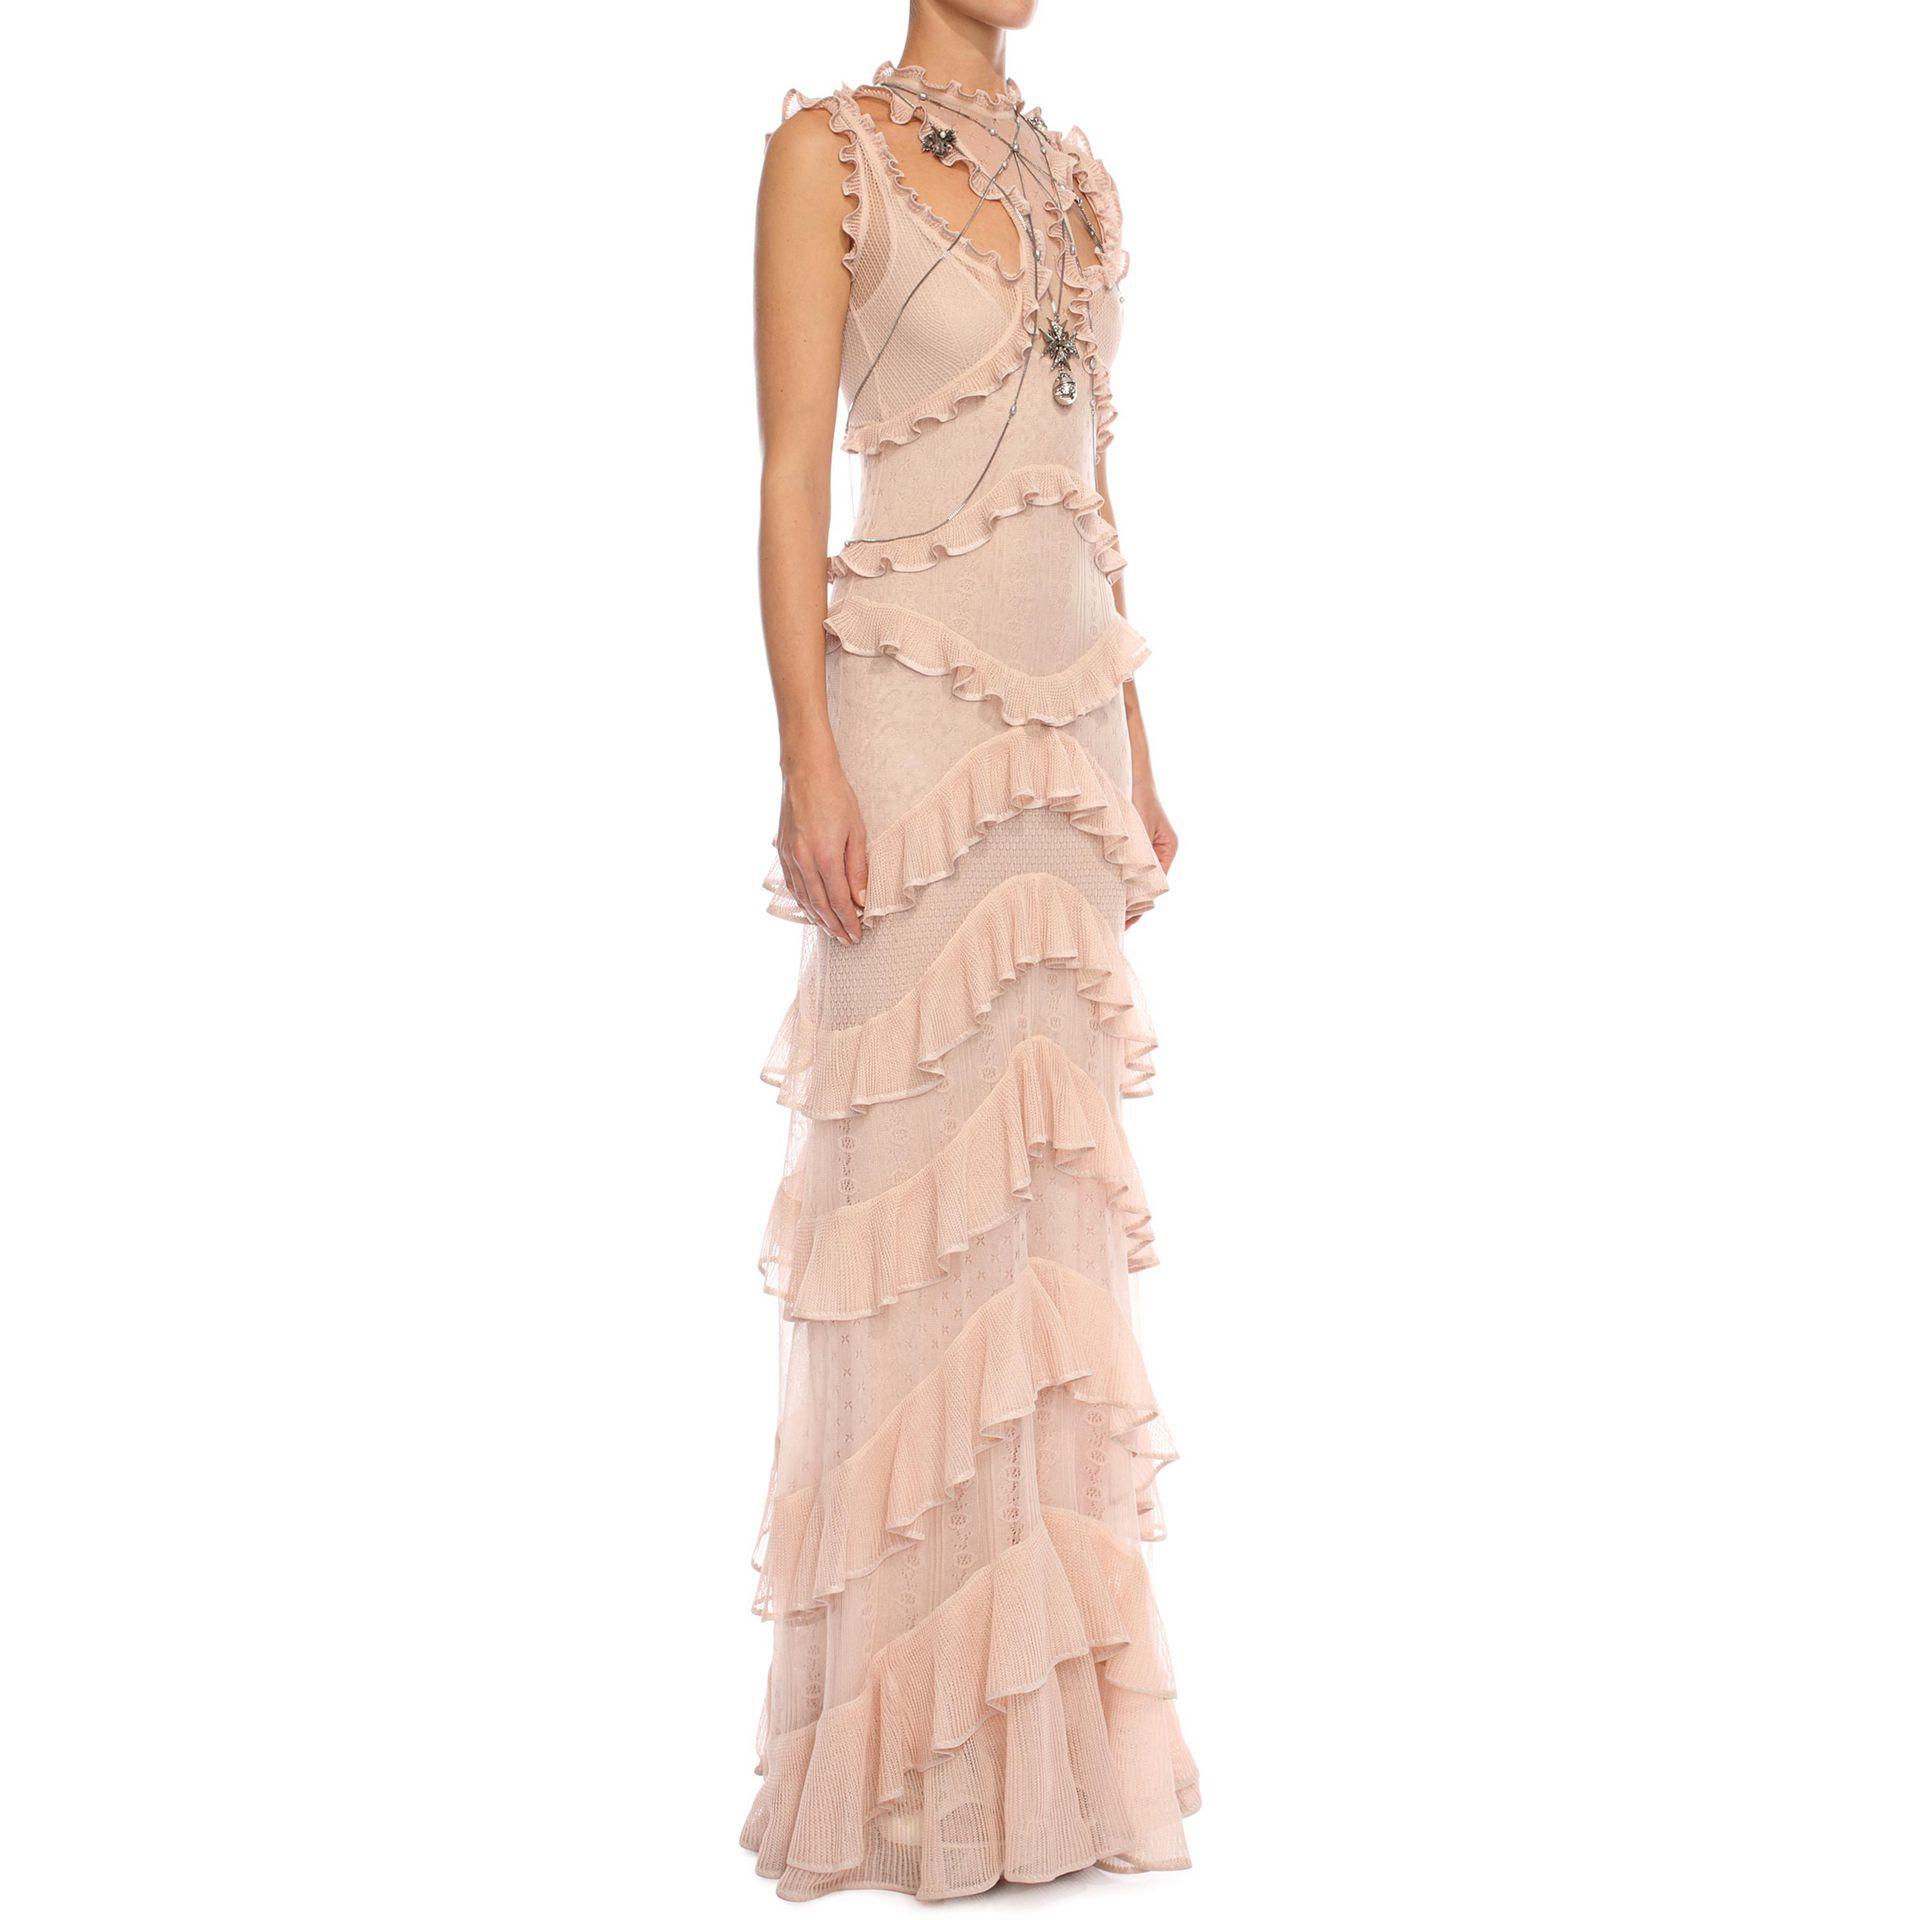 Alexander mcqueen Sleeveless Harness Ruffle Long Dress in Natural ...